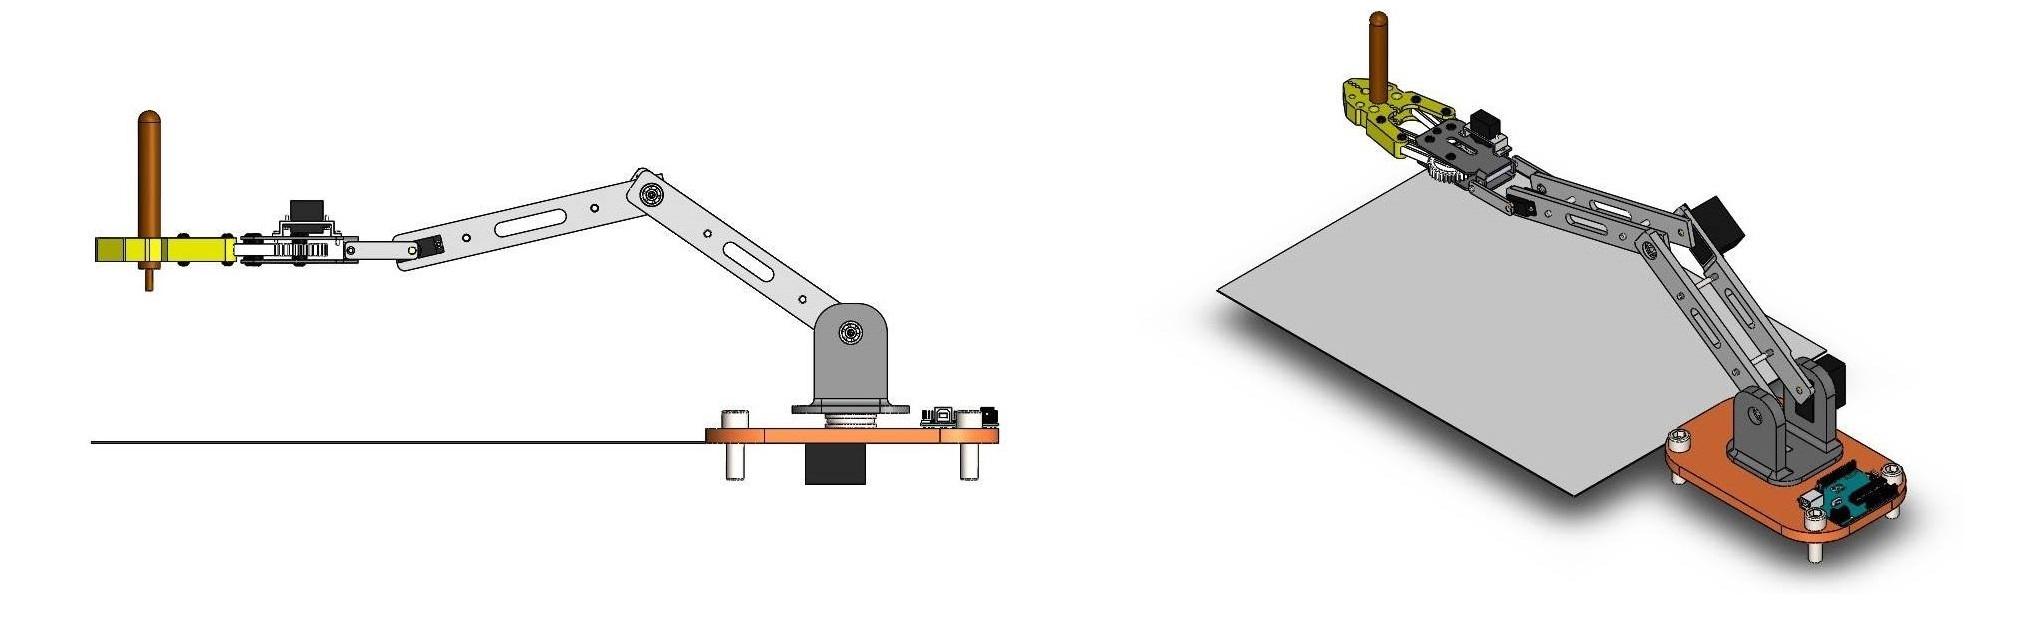 Yazıcı Robot Kolu Tasarımı